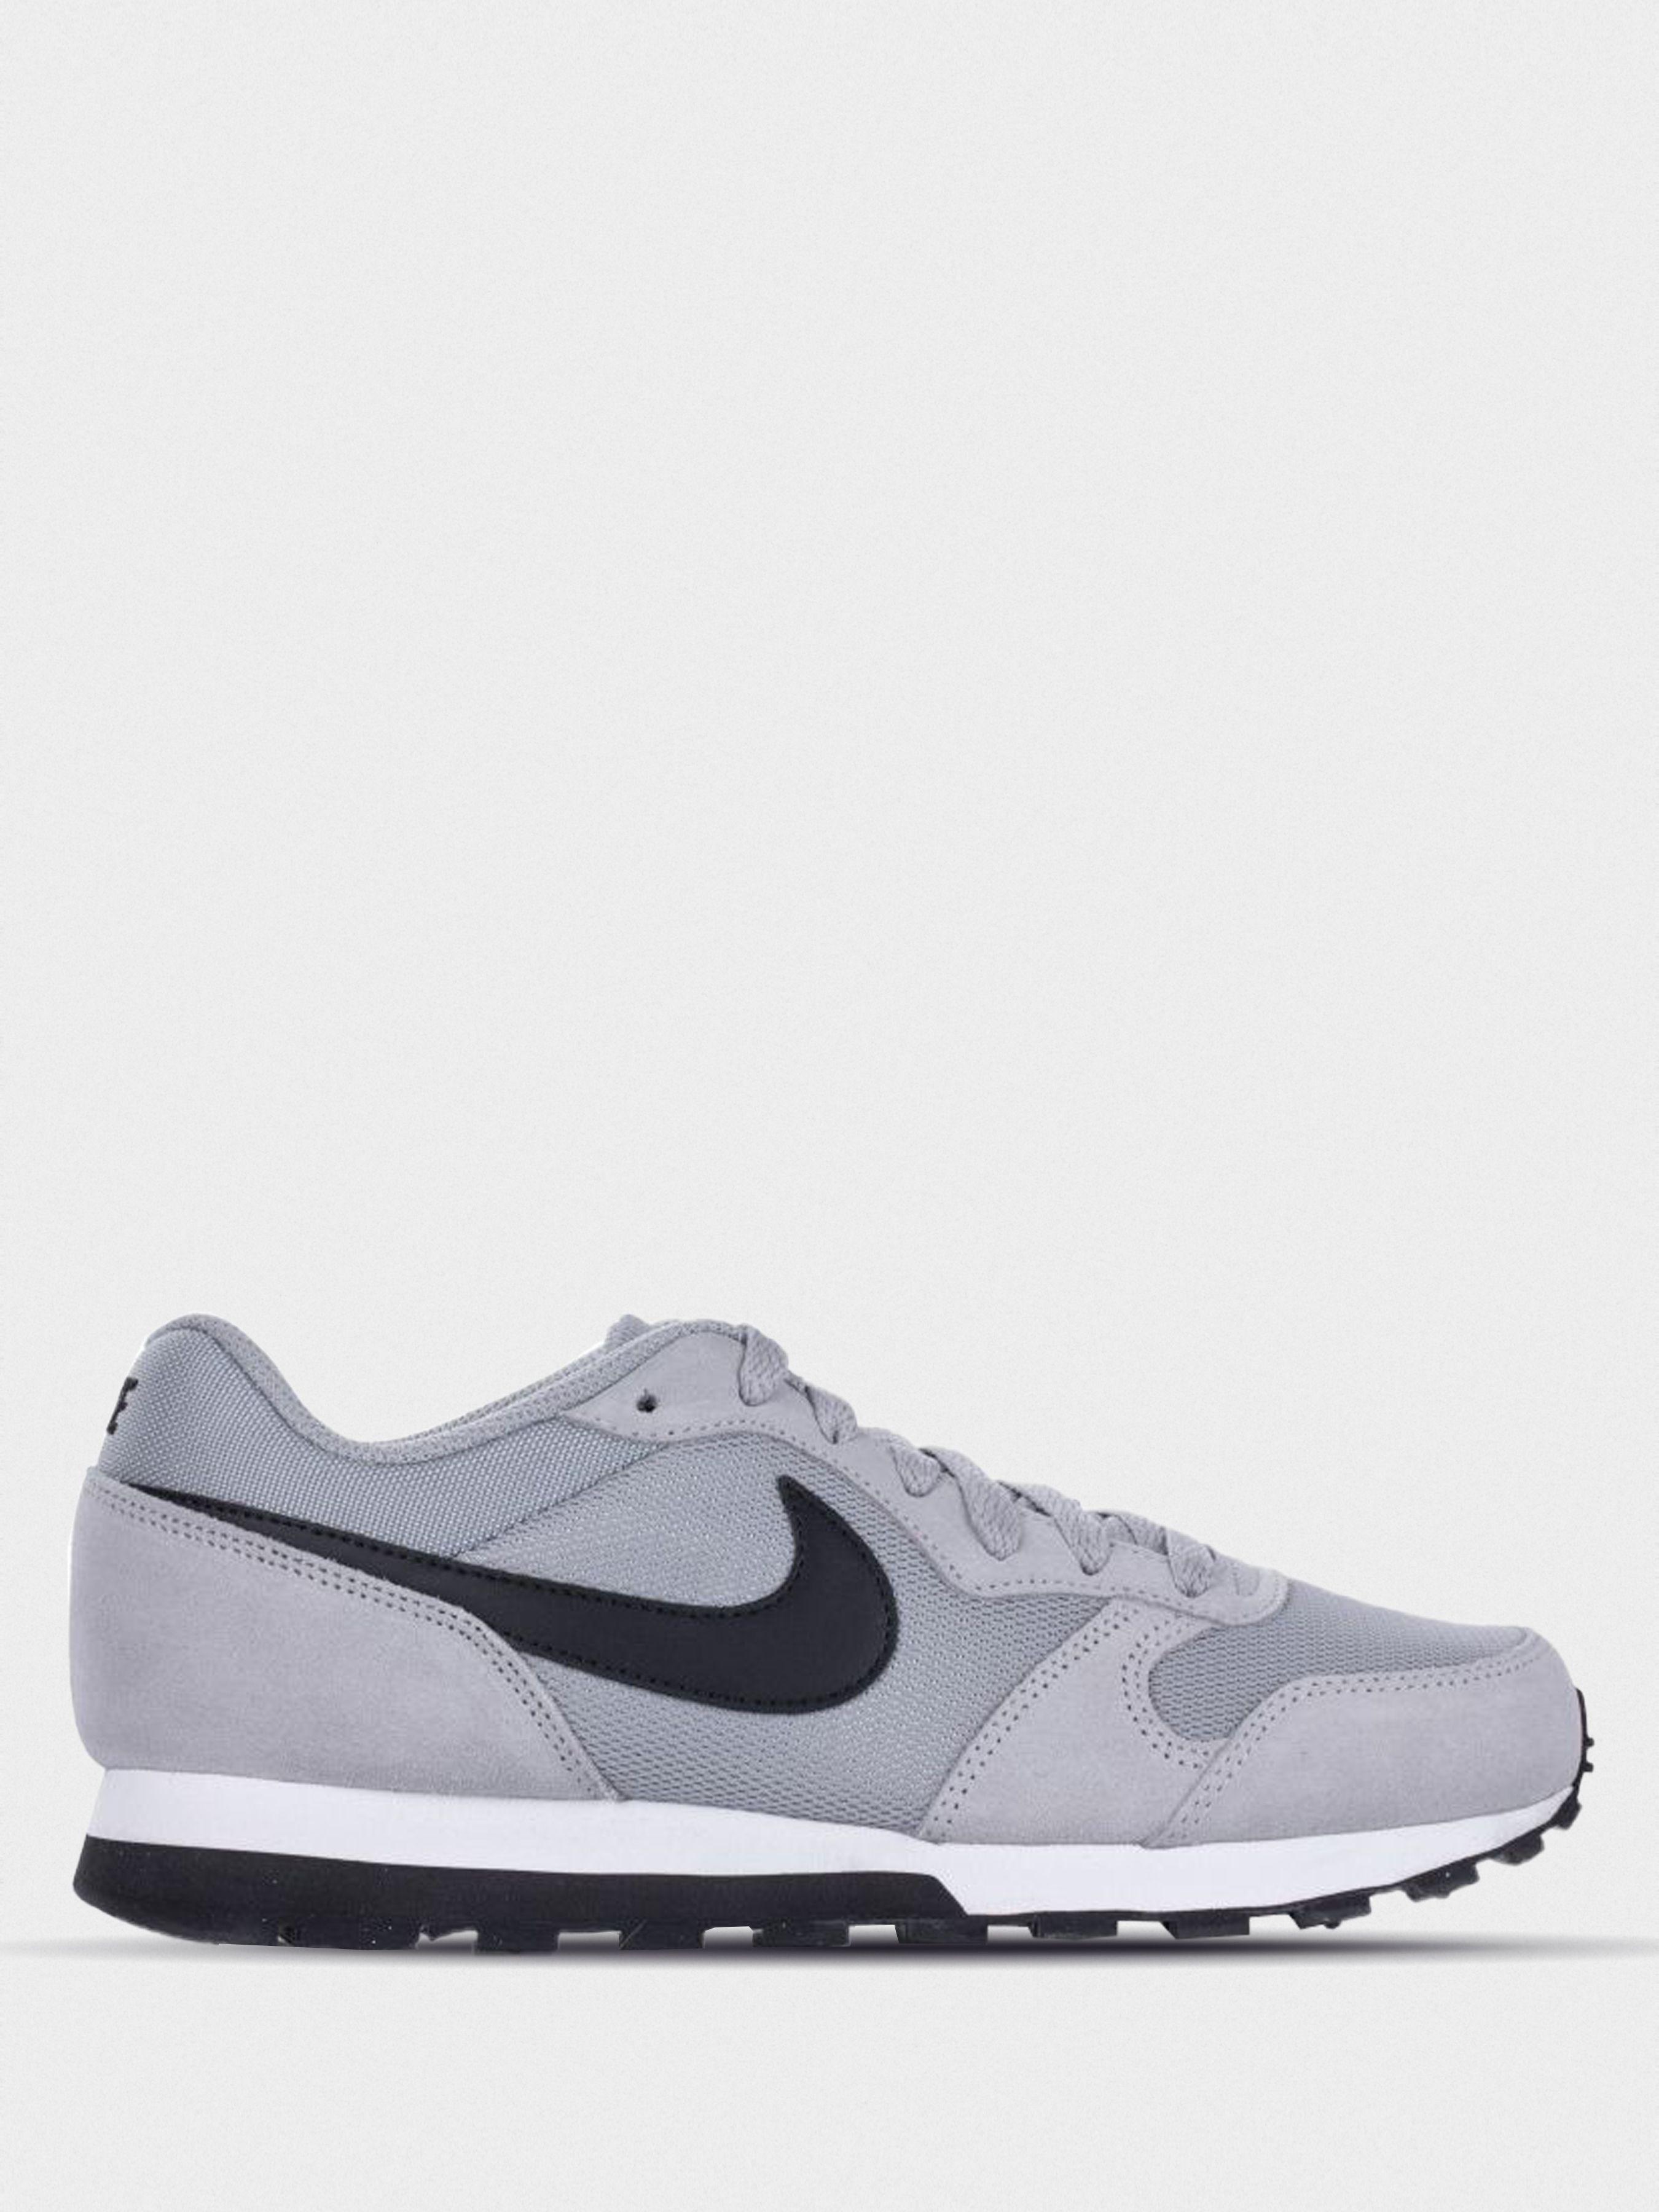 Купить Кроссовки мужские NIKE MD Runner 2 Shoe CE166, Серый